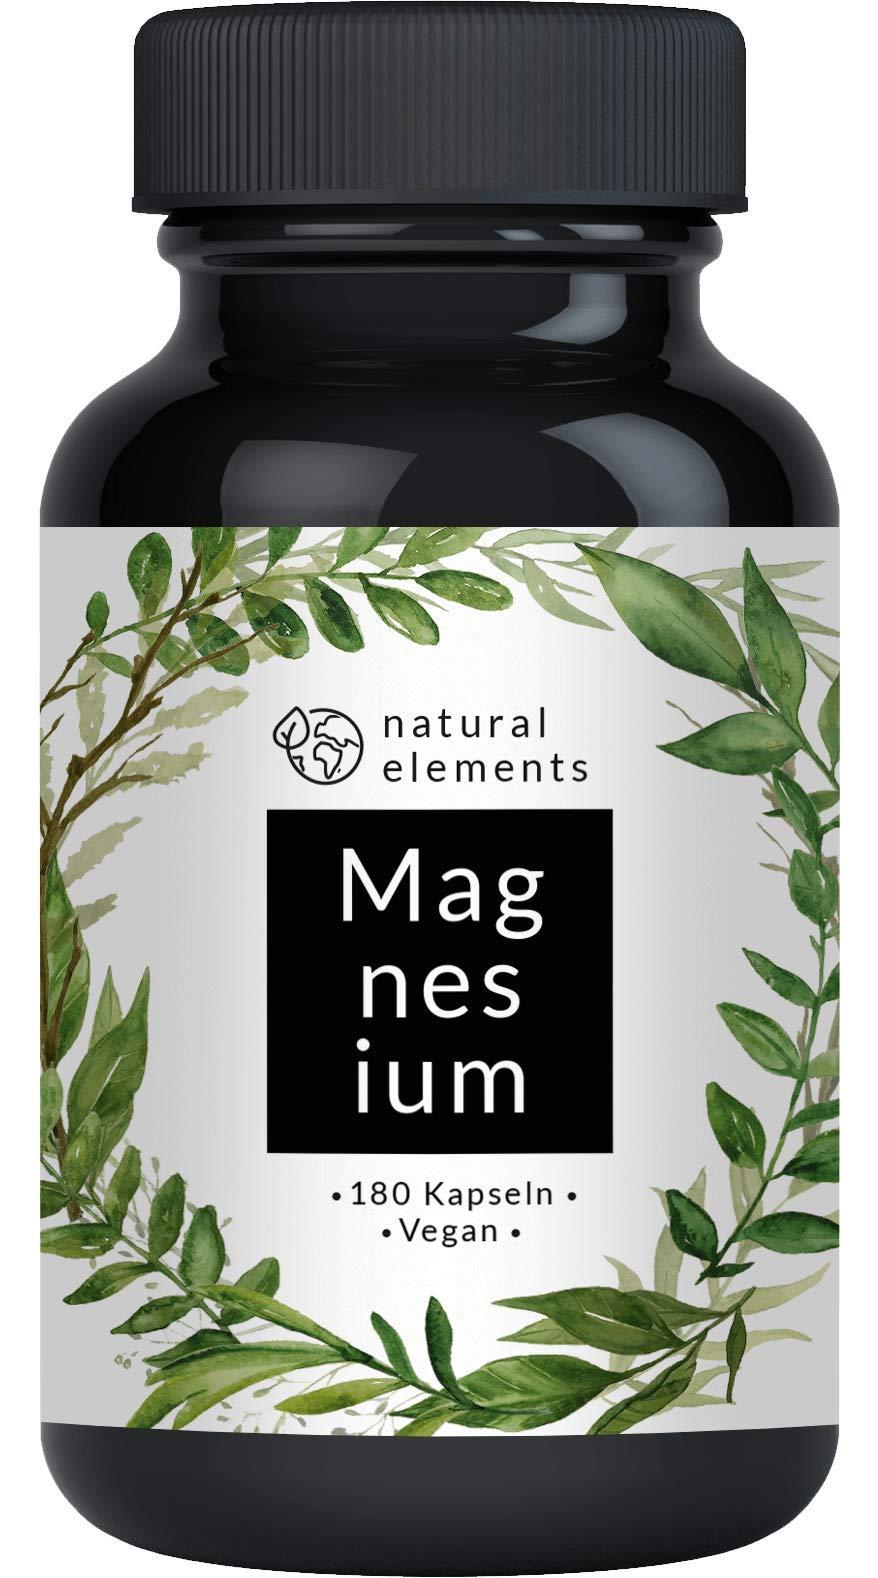 Premium Magnesiumcitrat - 2250mg davon 360mg elementares Magnesium pro Tagesdosis - 180 Kapseln - Laborgeprüft und ohne Zusätze wie Magnesiumstearat - Hochdosiert, vegan und hergestellt in Deutschland product image